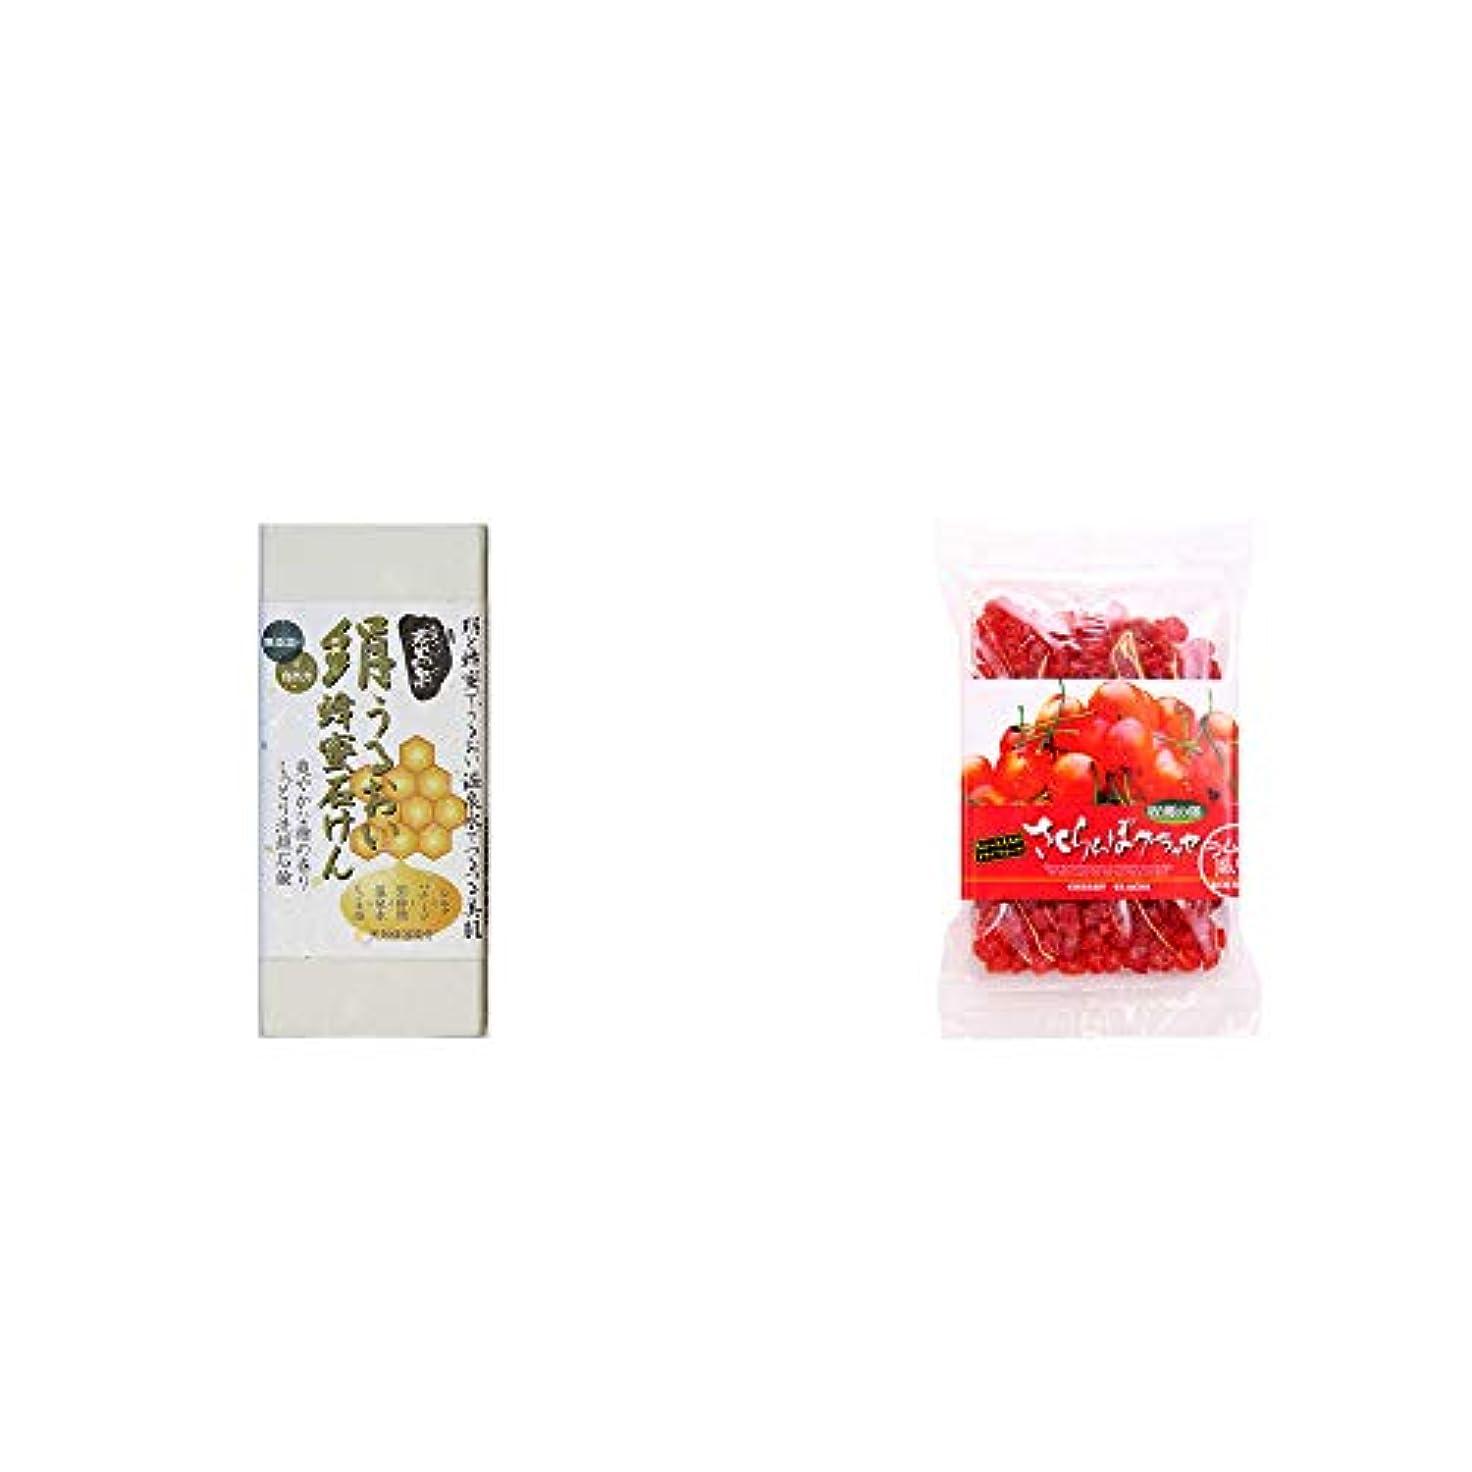 震えドライあいまいな[2点セット] ひのき炭黒泉 絹うるおい蜂蜜石けん(75g×2)?収穫の朝 さくらんぼグラッセ ラム酒風味(180g)